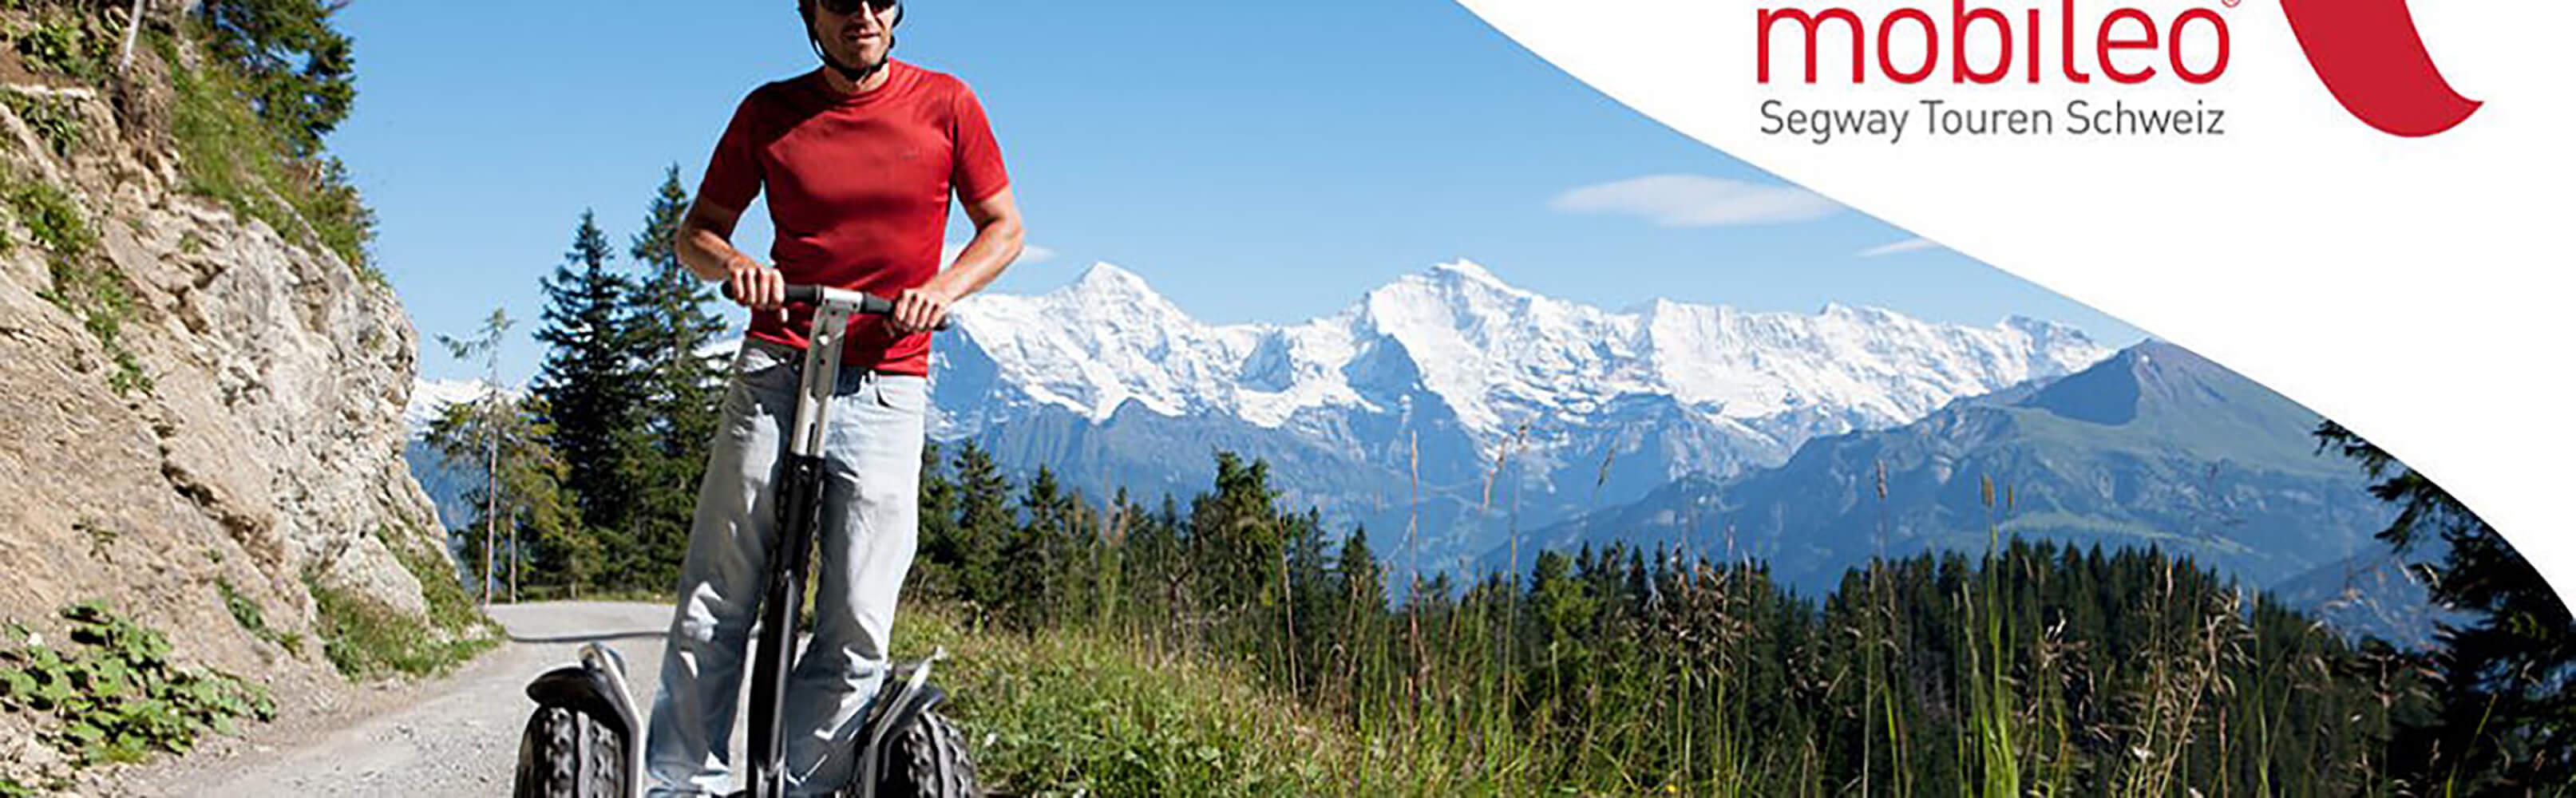 mobileo ist der neue Auftritt von Segway Touren Schweiz  1